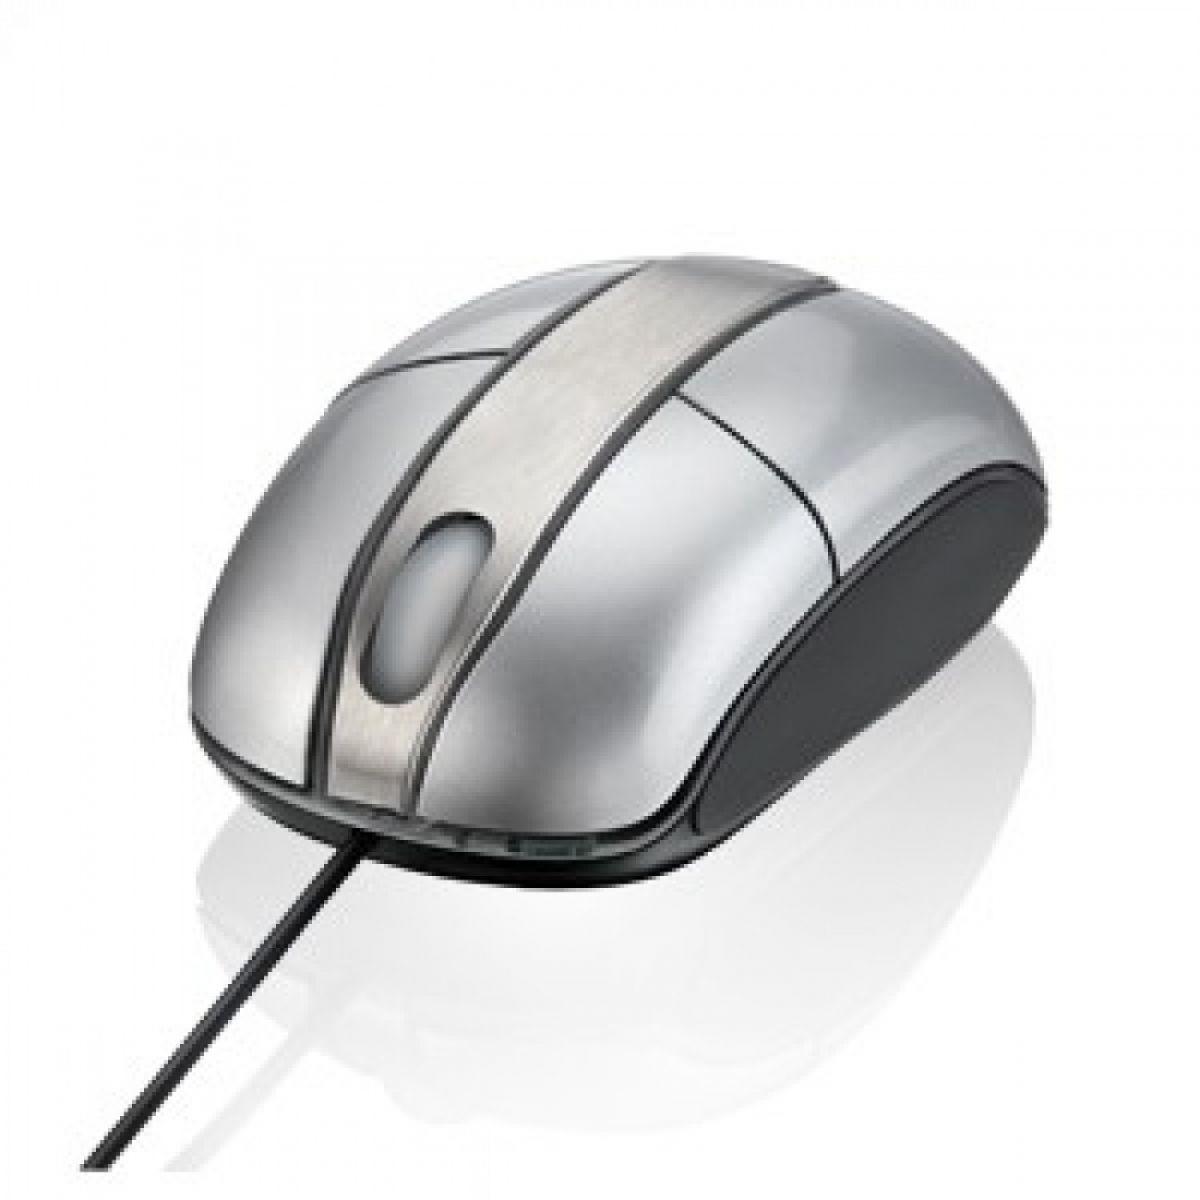 Mouse usb optico prata piano c/ ilumina��o Multilaser Steel USB MO135